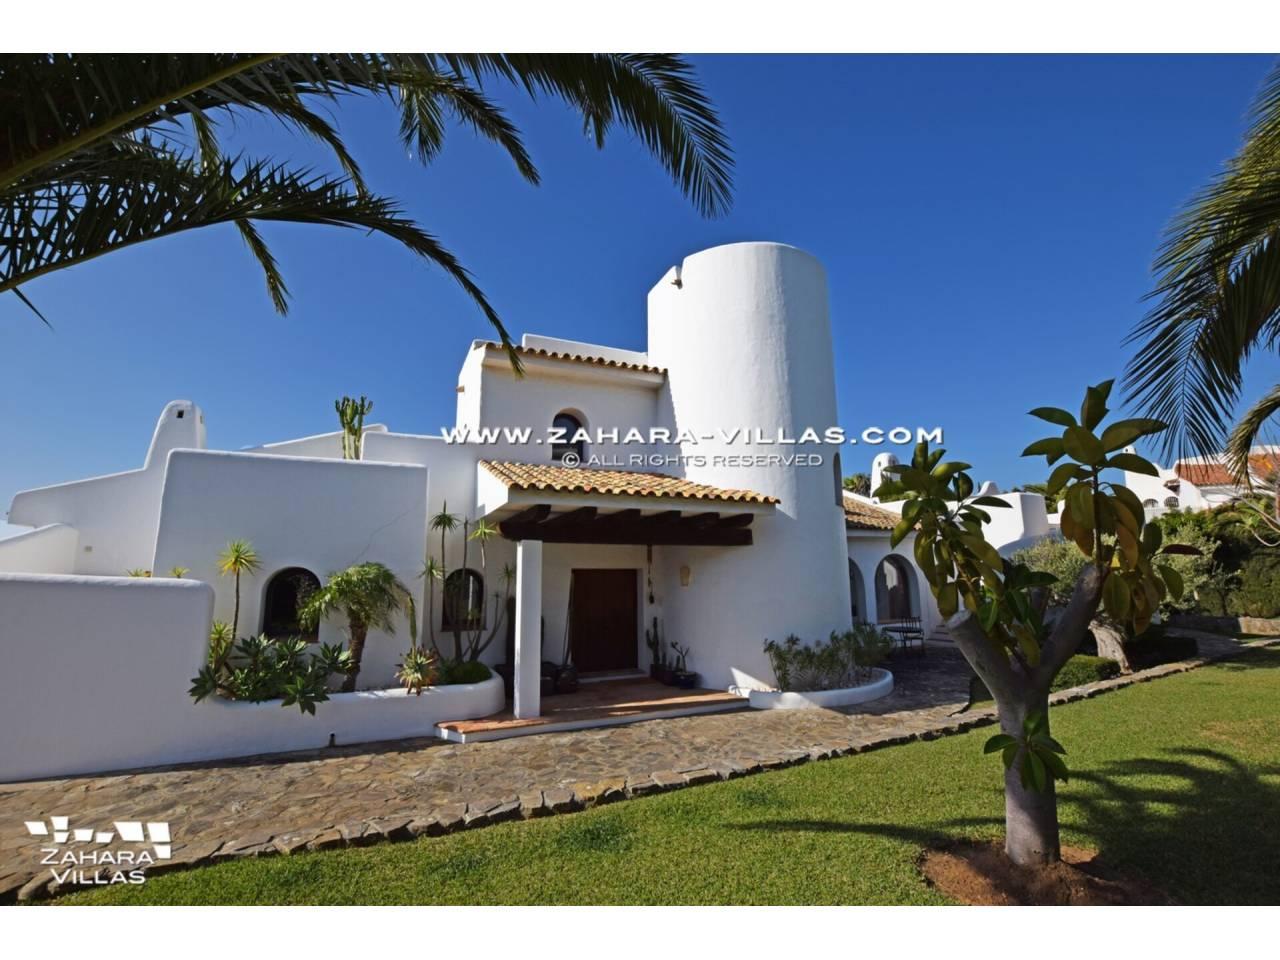 Imagen 9 de Maravilloso Chalet en venta en la zona del Faro Camarinal con vistas panorámicas a la Playa de los Alemanes